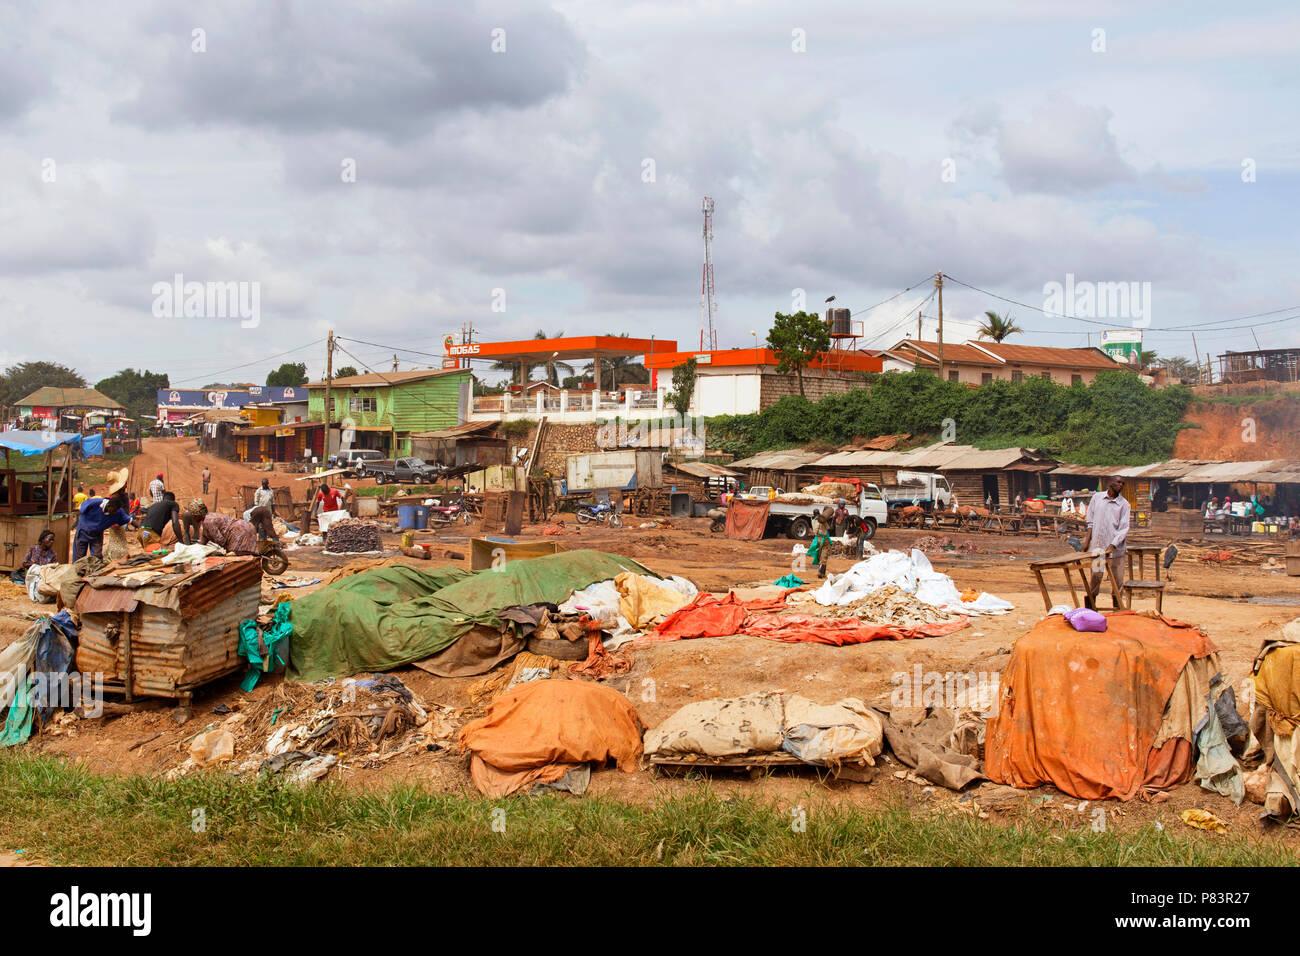 Planta de procesamiento de desechos de pescado, cerca de Kampala, Uganda, África Oriental Imagen De Stock